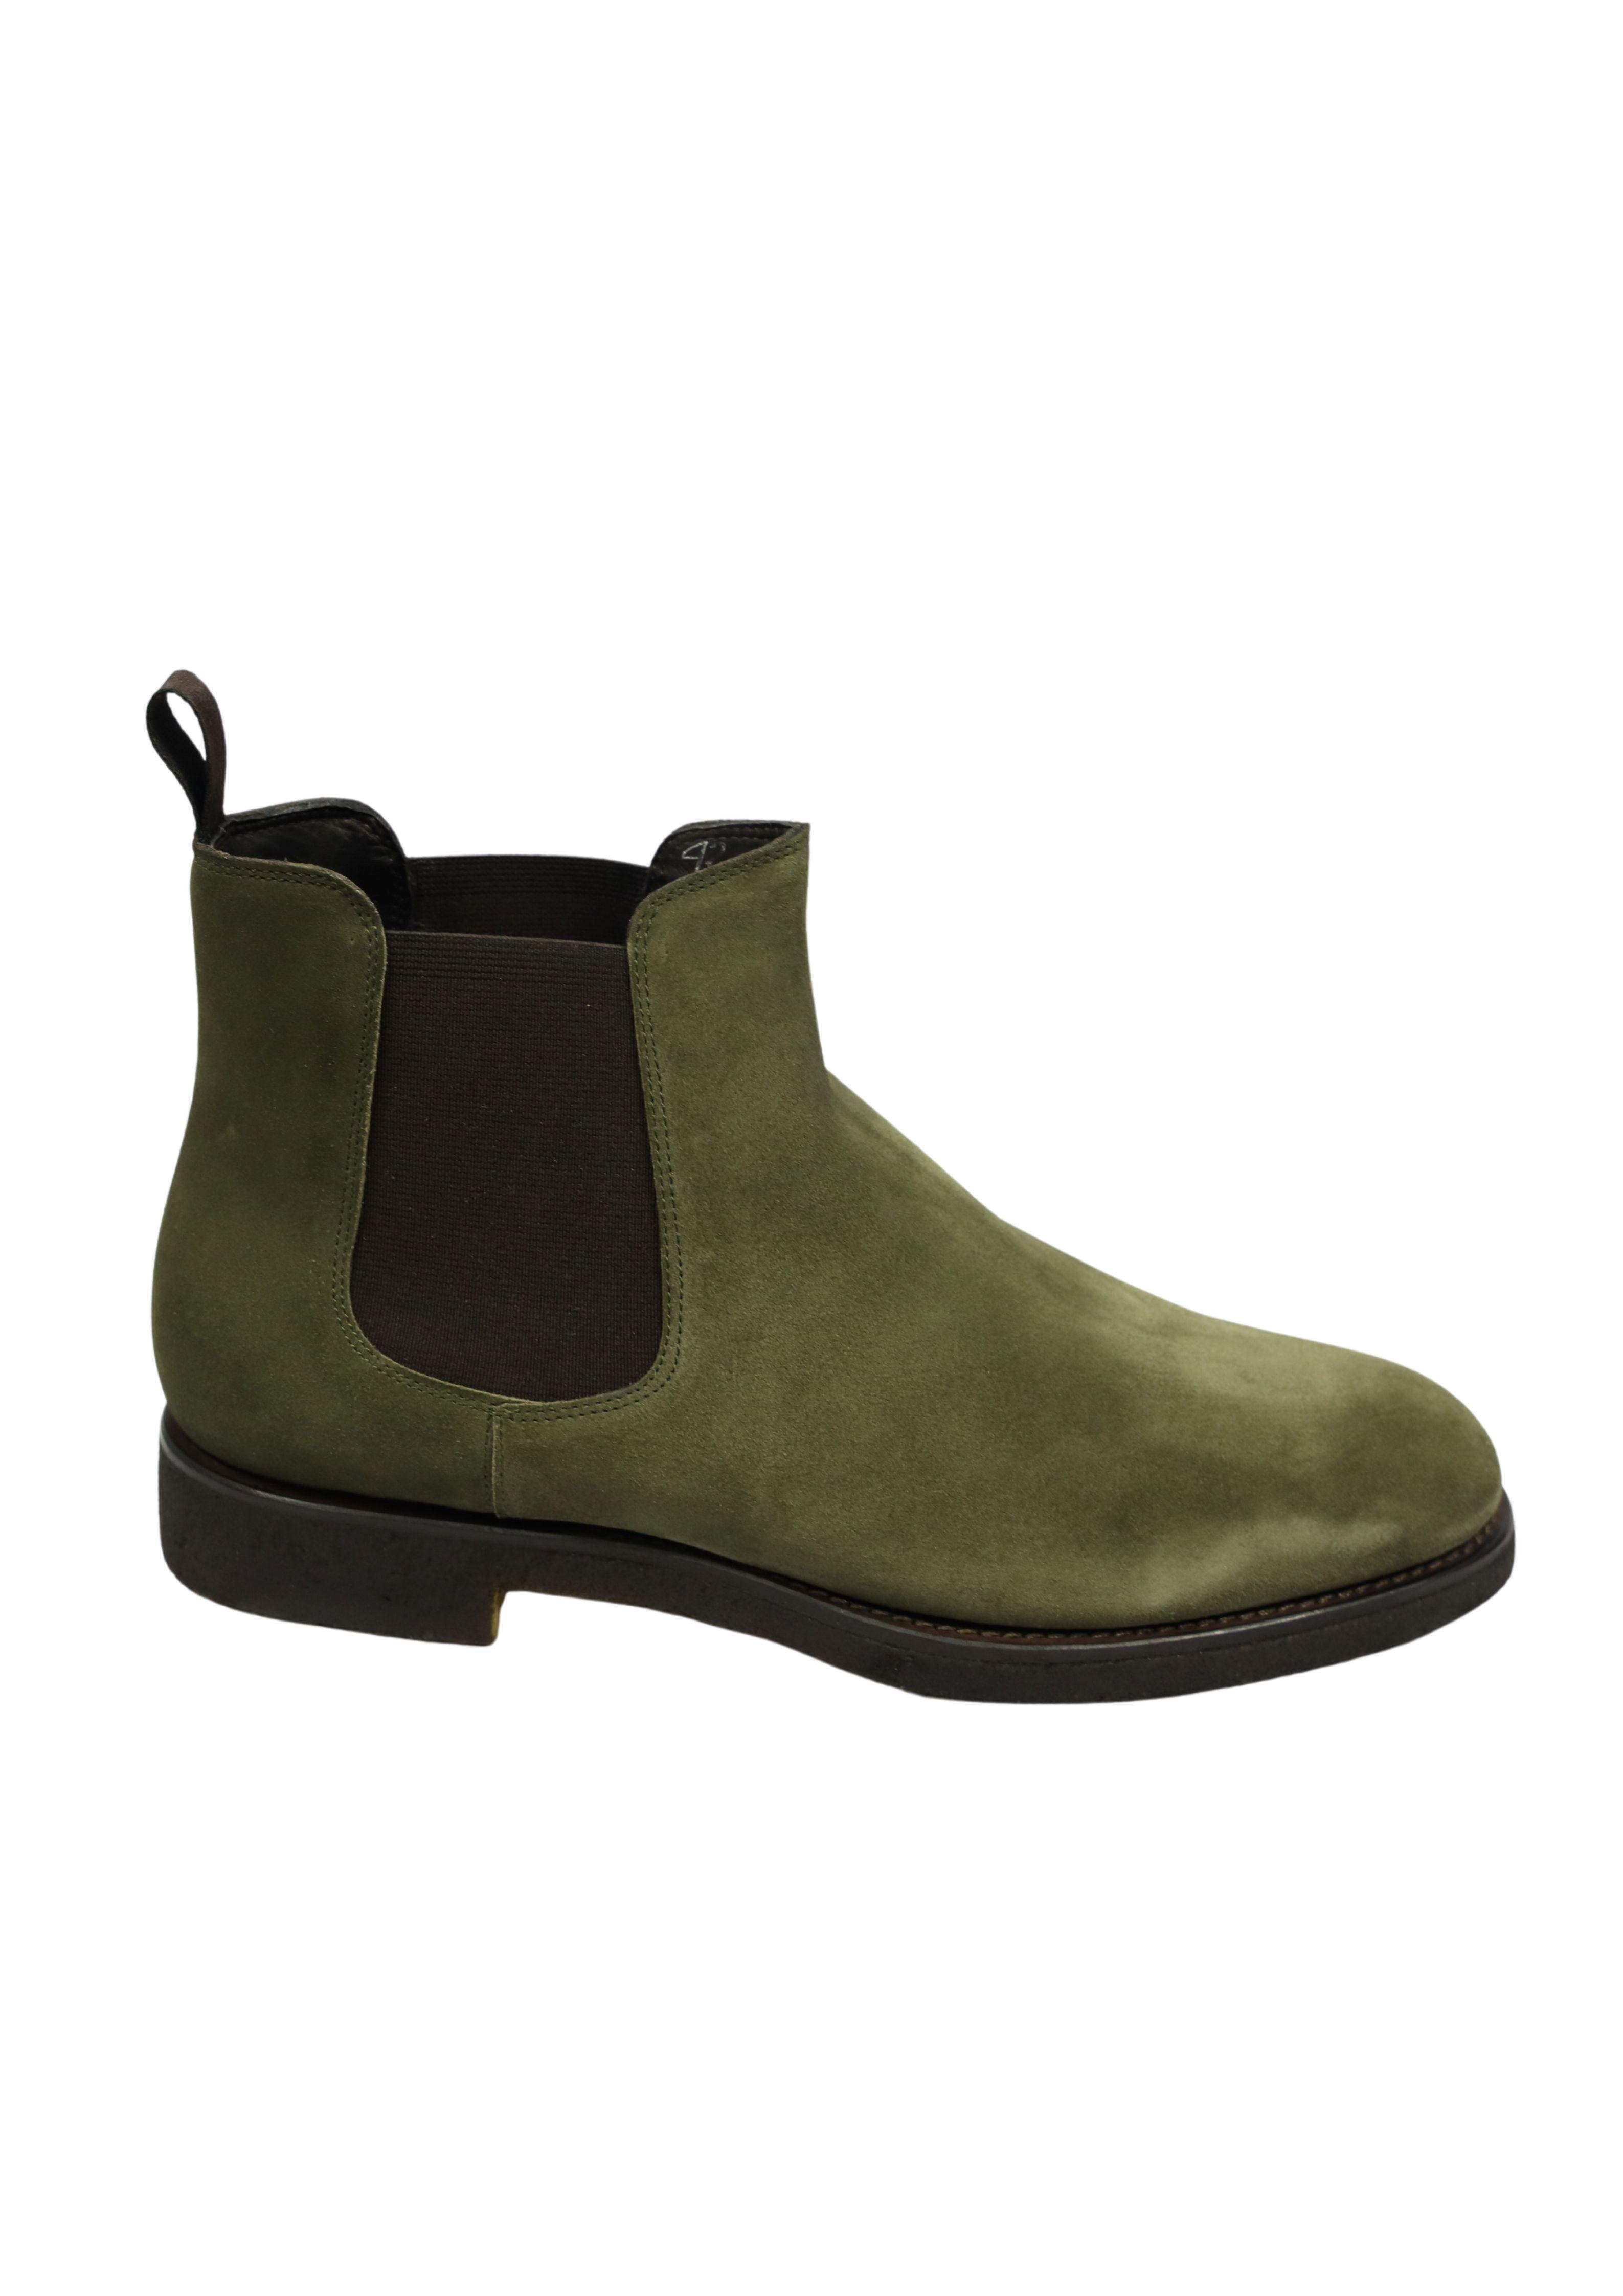 SUEDE  BEATLE SHOES ORTIGNI | Shoes | 0426 K BLACKELEPHANT